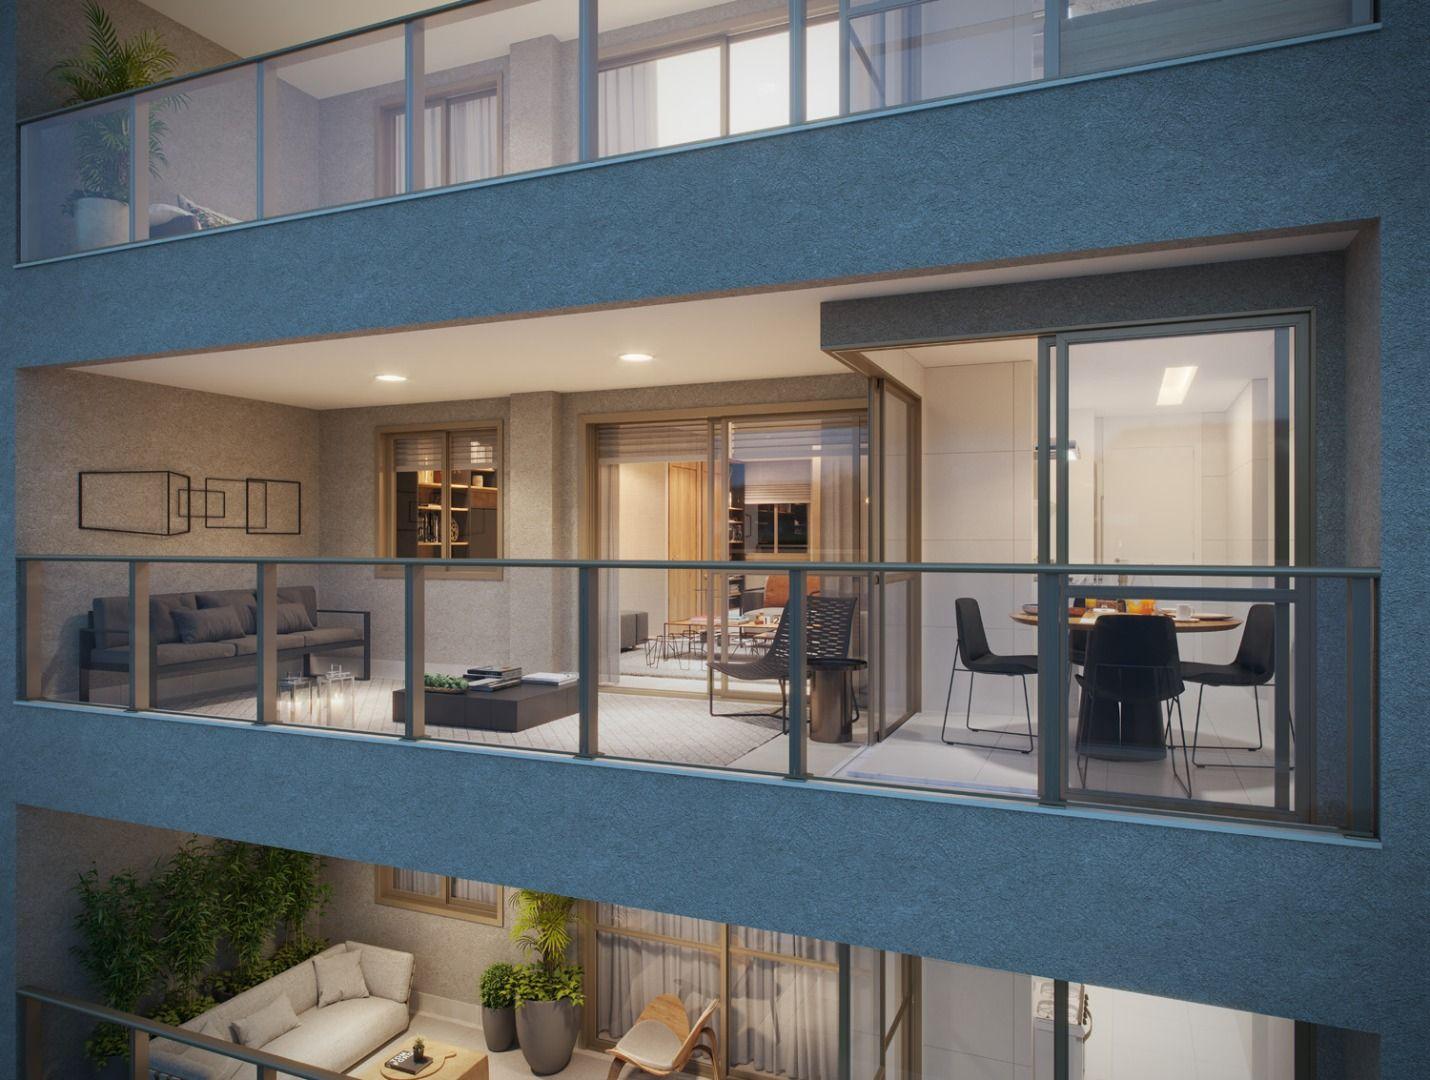 apto do Latitud Condominium Design - North e East